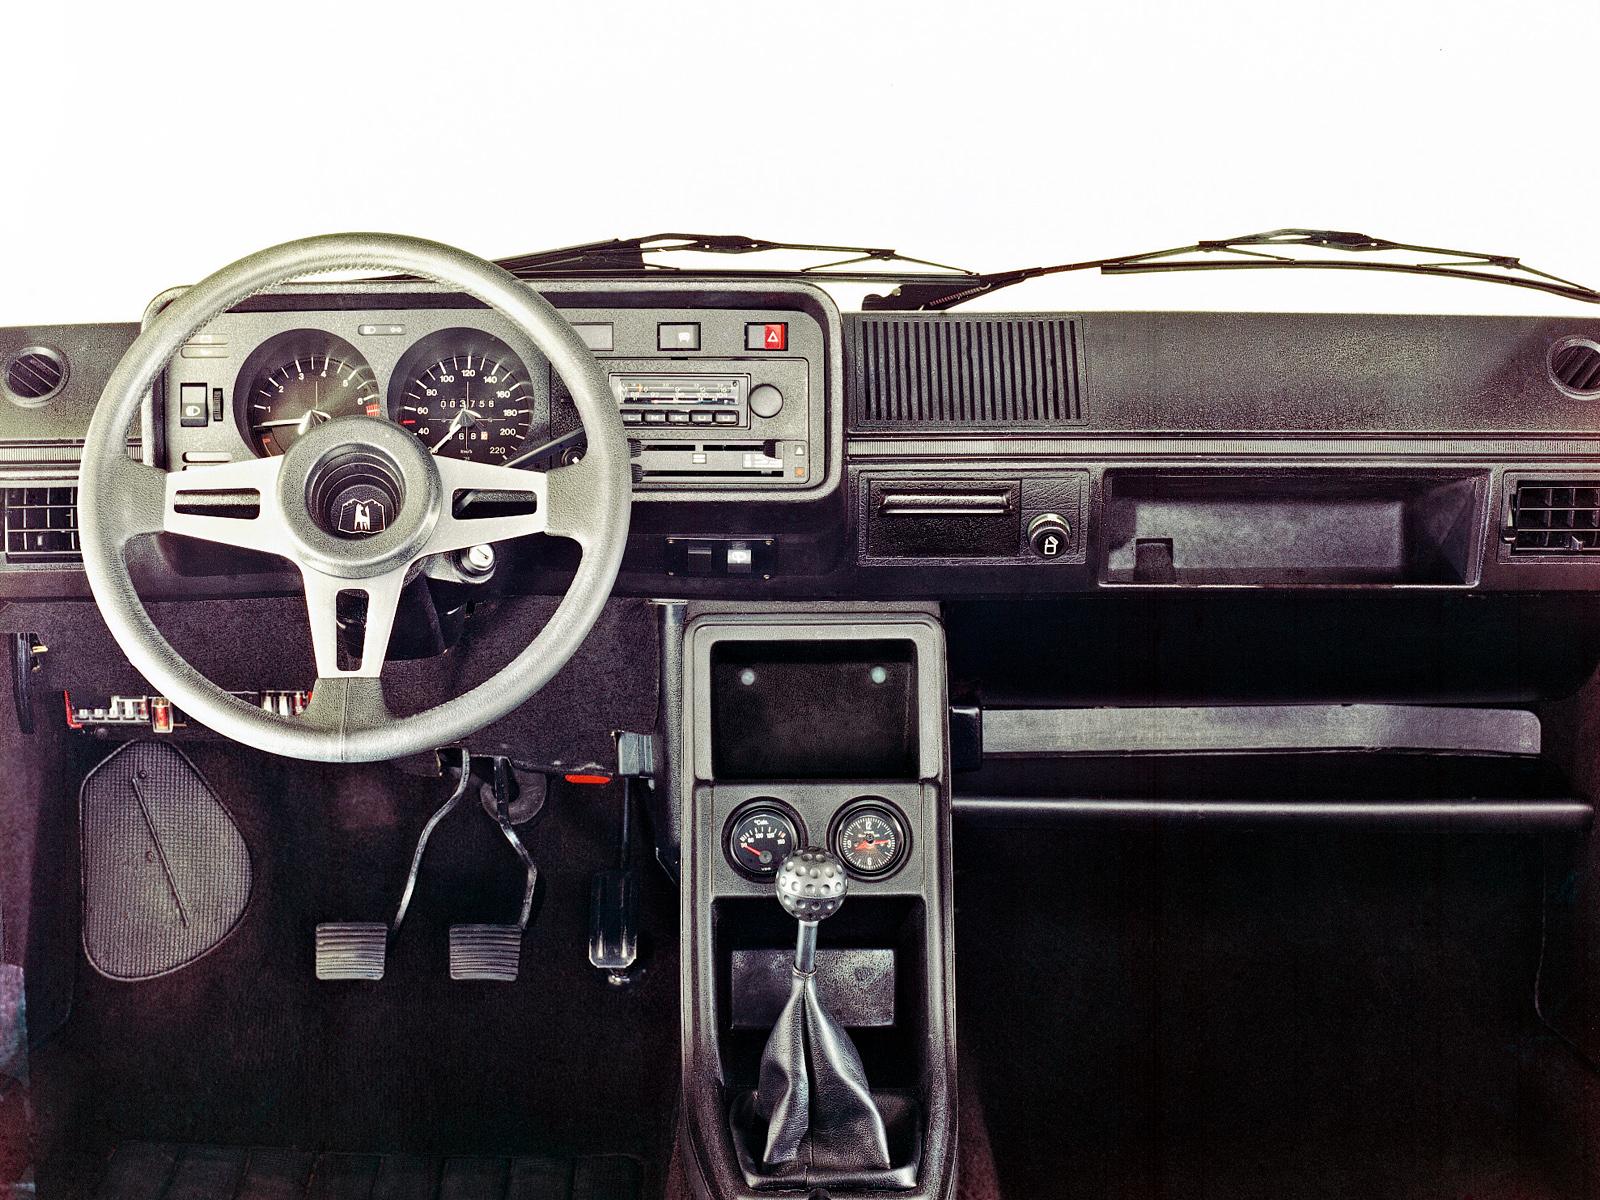 volkswagen_golf-gti-3-door-1976-83_r1_jpg.jpg